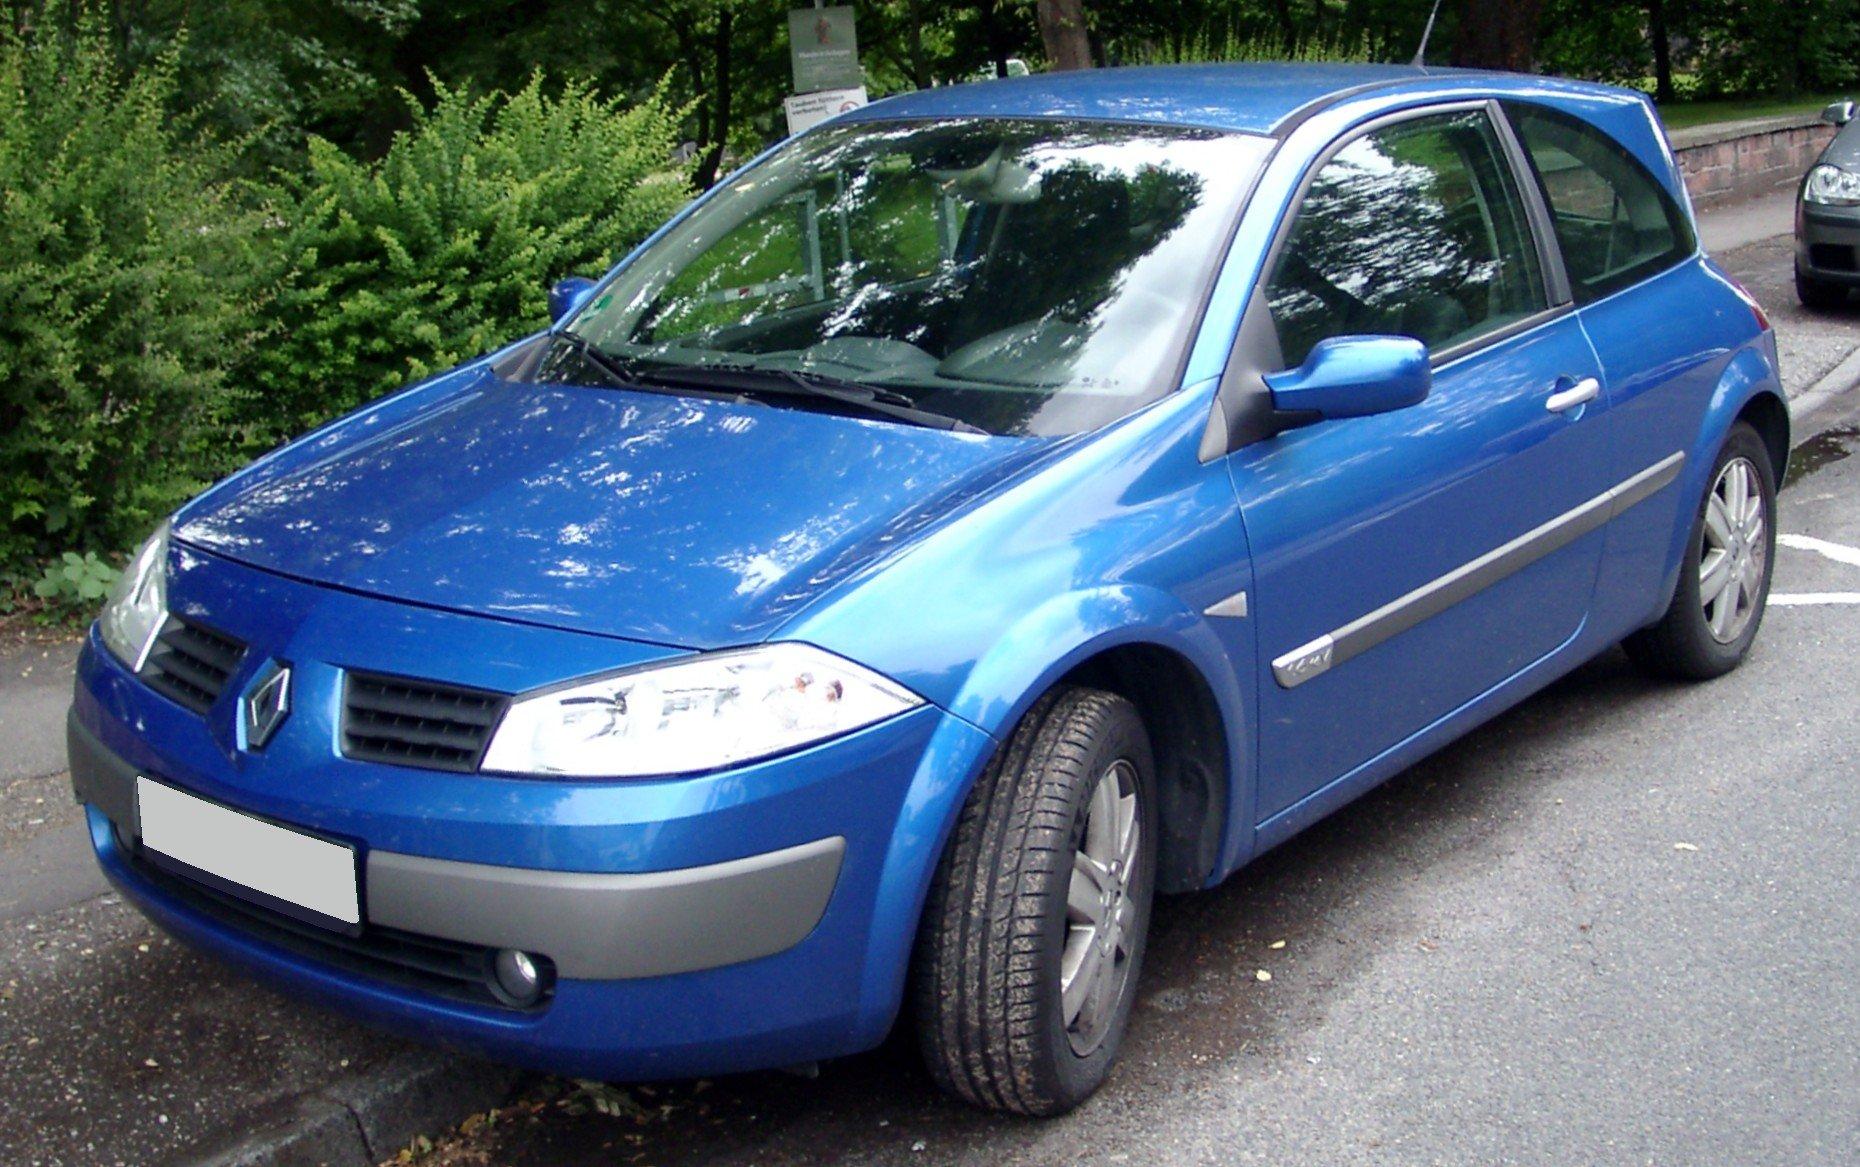 Samochód do 5 tysięcy złotych - Renault Megane II